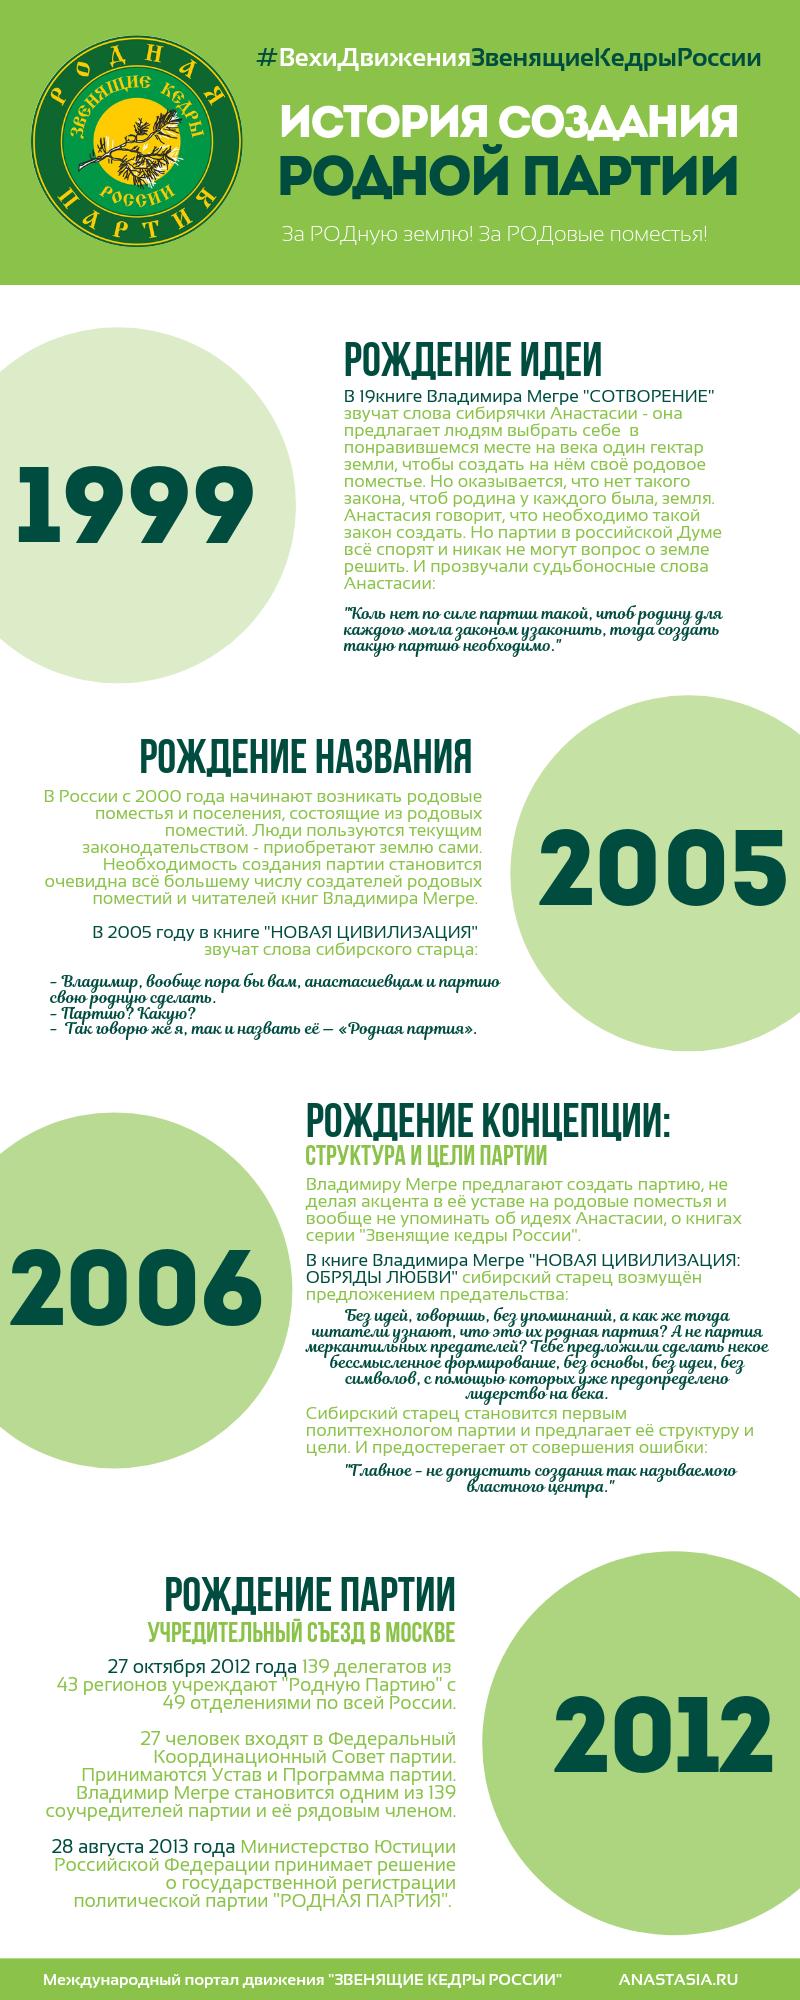 ИСТОРИЯ СОЗДАНИЯ РОДНОЙ ПАРТИИ (1).png